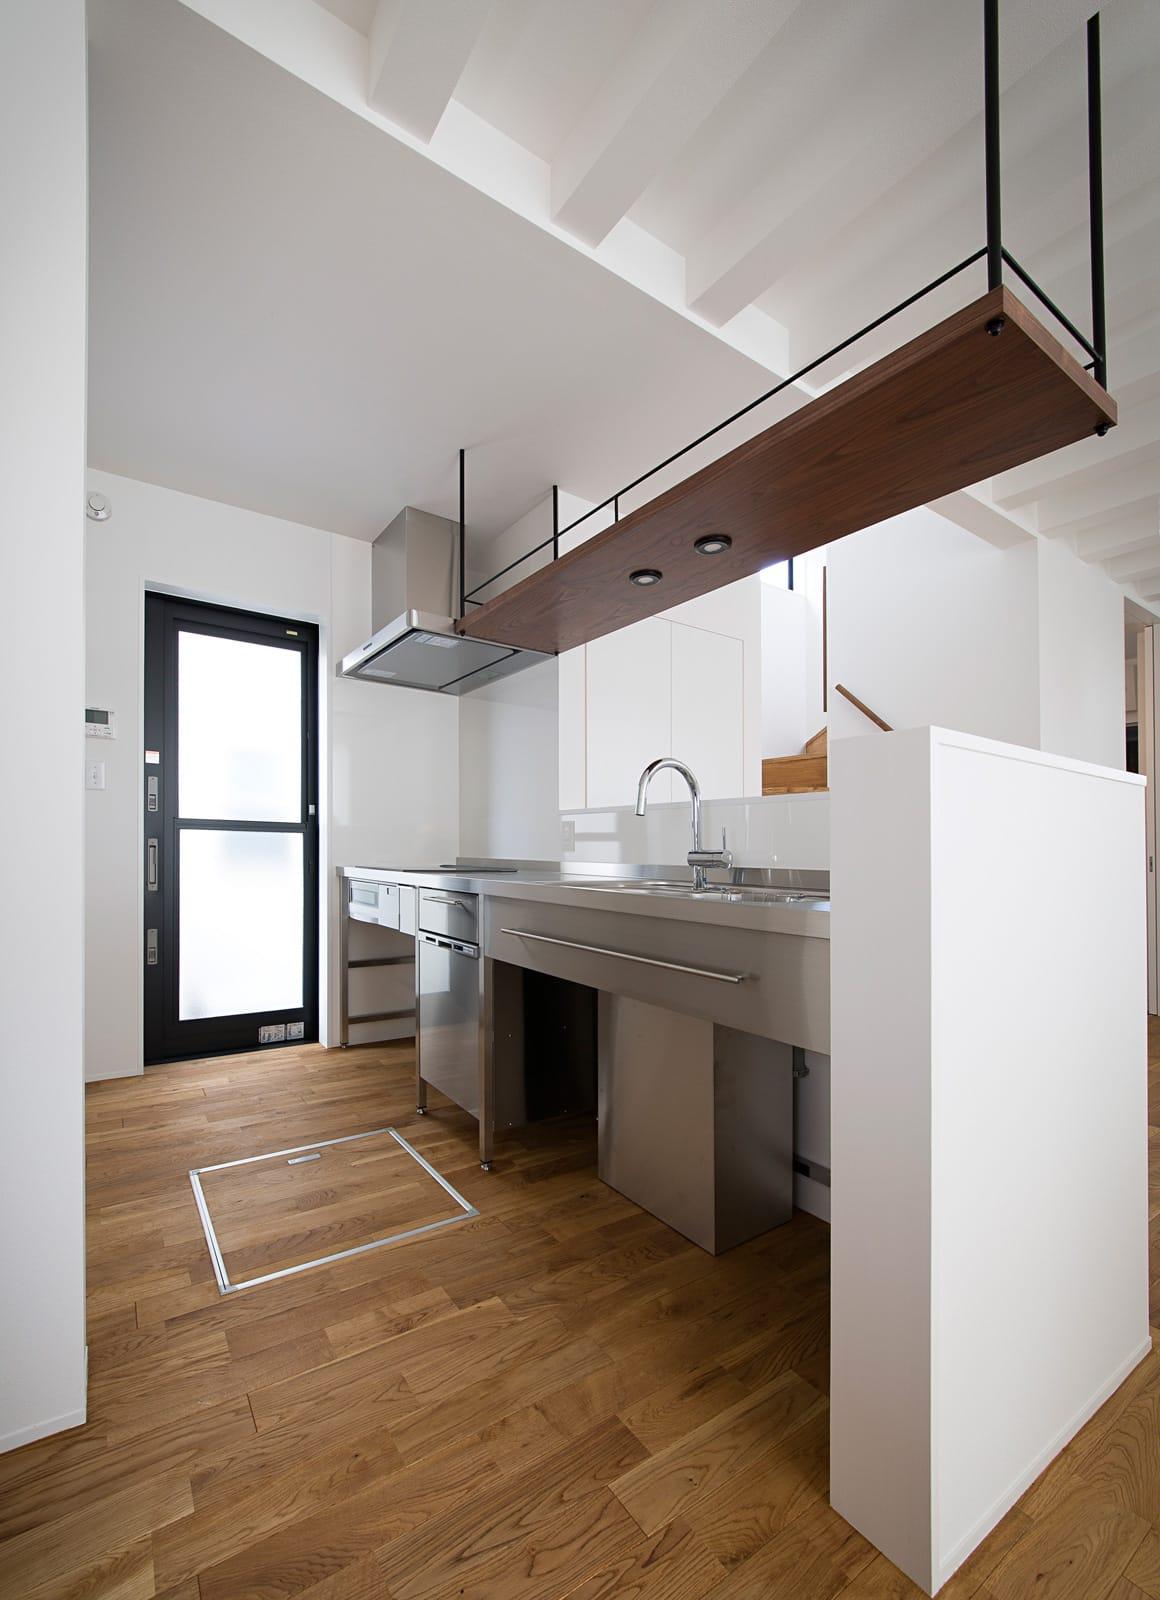 アンティーク家具の似合う家のキッチン1